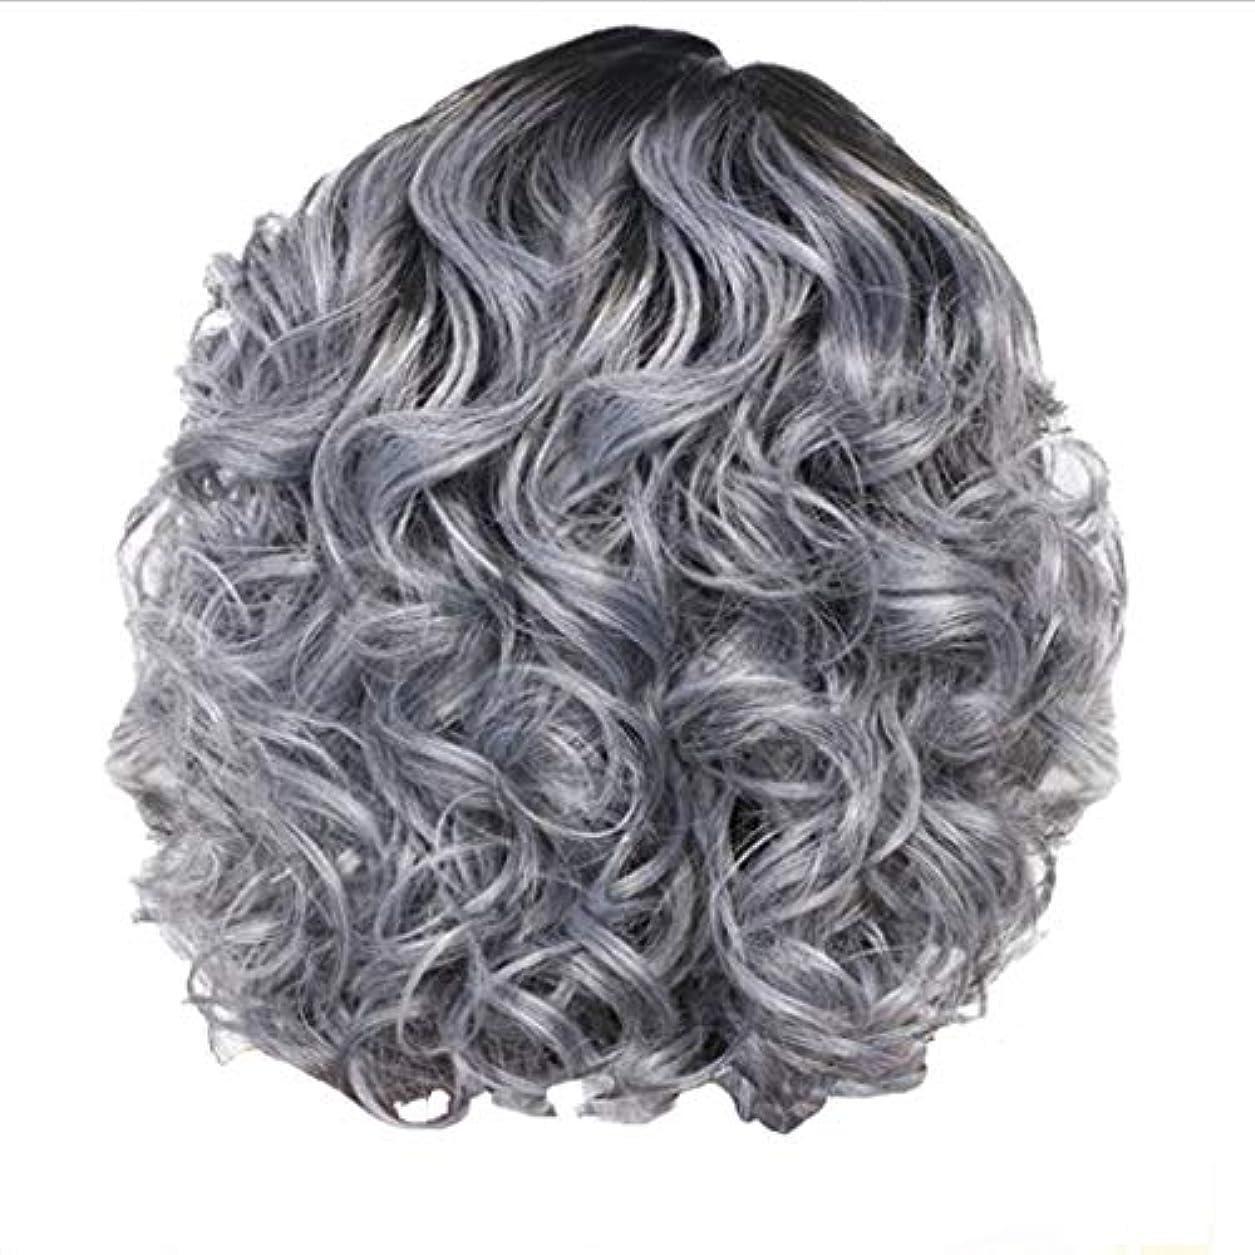 有名な興奮するかき混ぜるかつら女性の短い巻き毛シルバーグレーレトロ巻き毛ネット30 cm